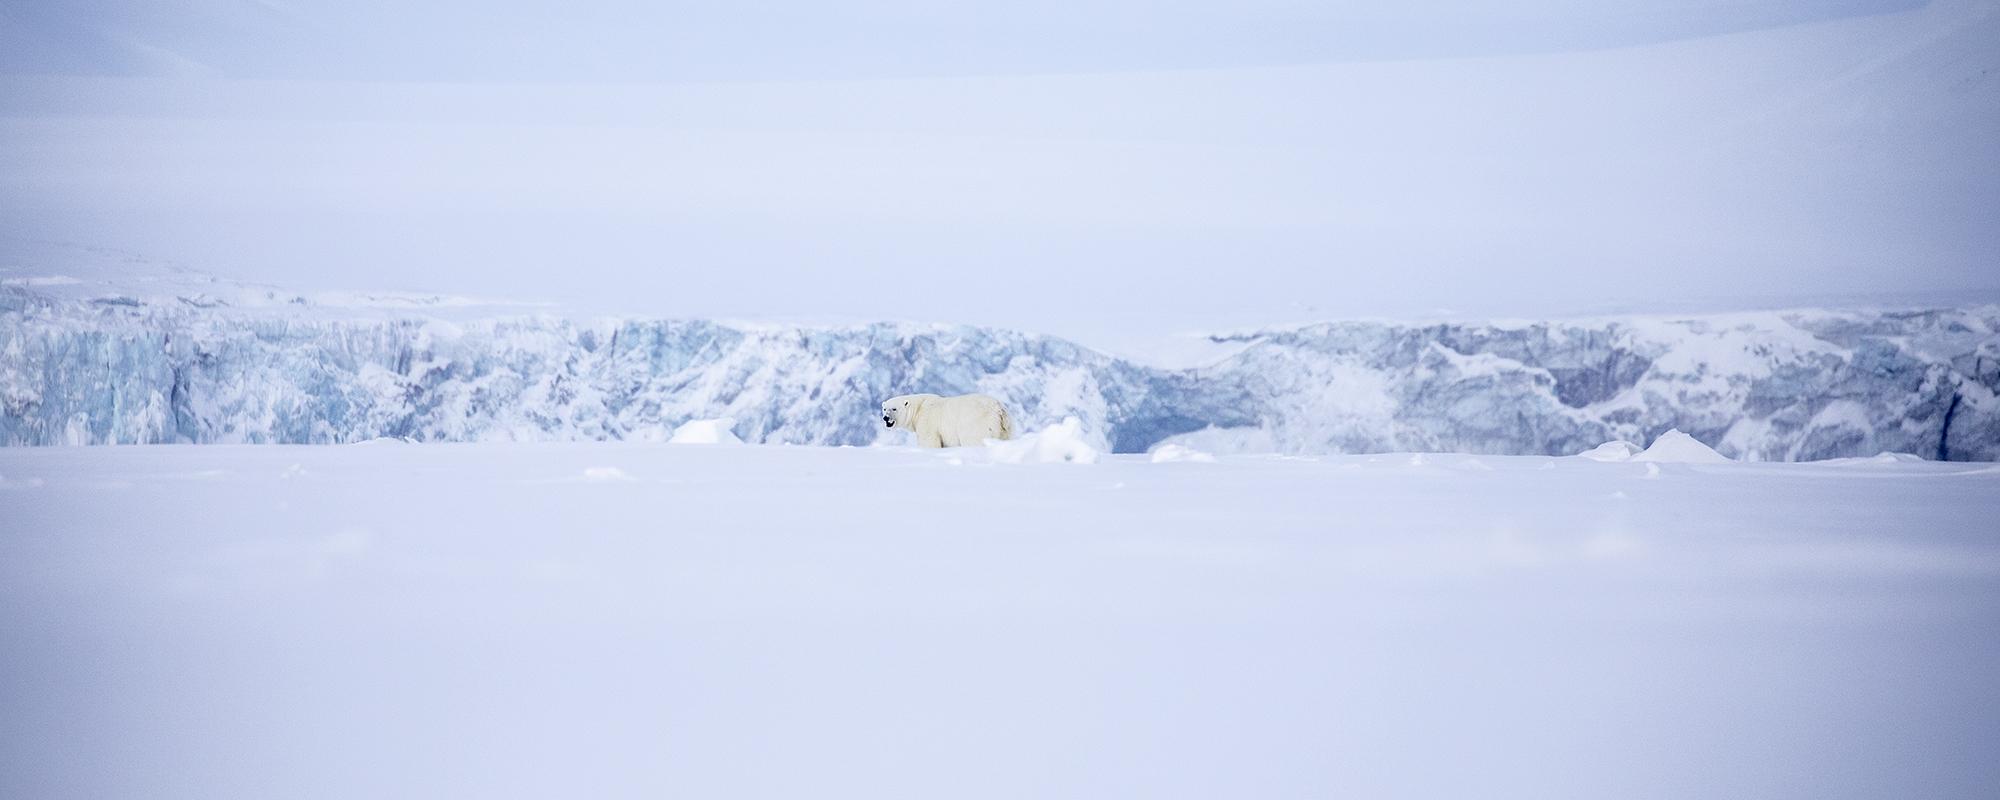 Eisbär an der Ostküste von Spitzbergen